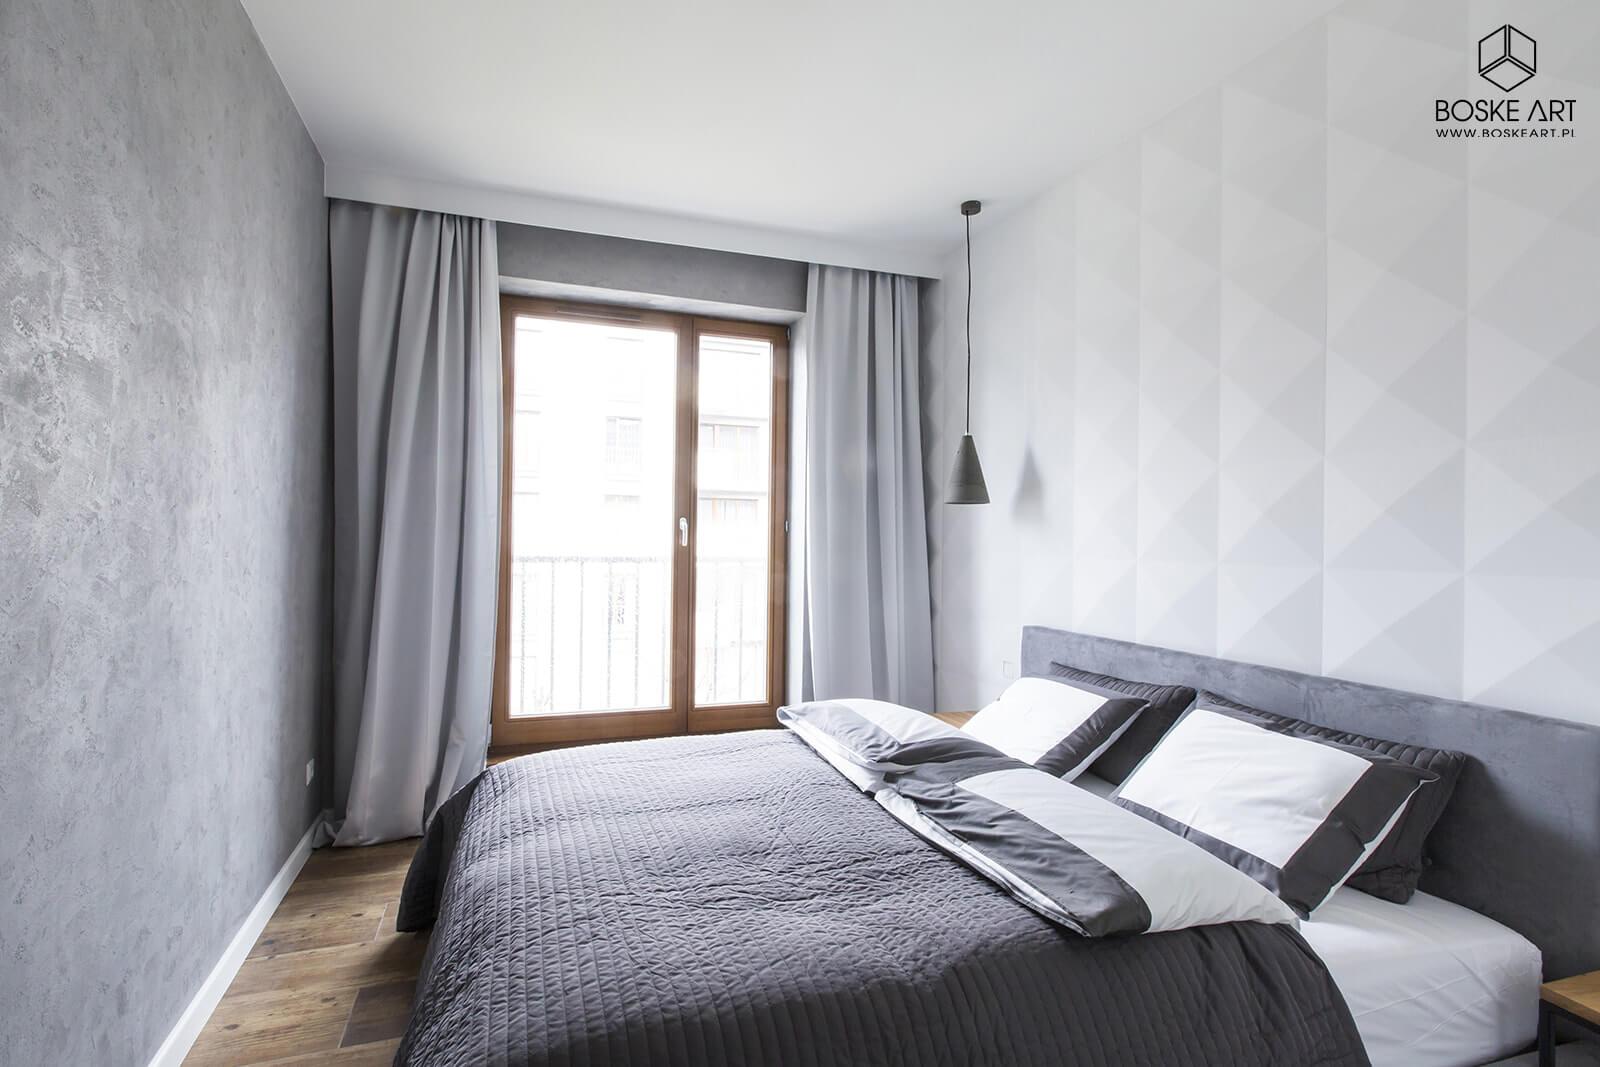 15_apartamenty_na_wynajem_poznan_boske_art_projektowanie_aranzacja_architektura_wnetrz_natalia_robaszkeiwicz-min